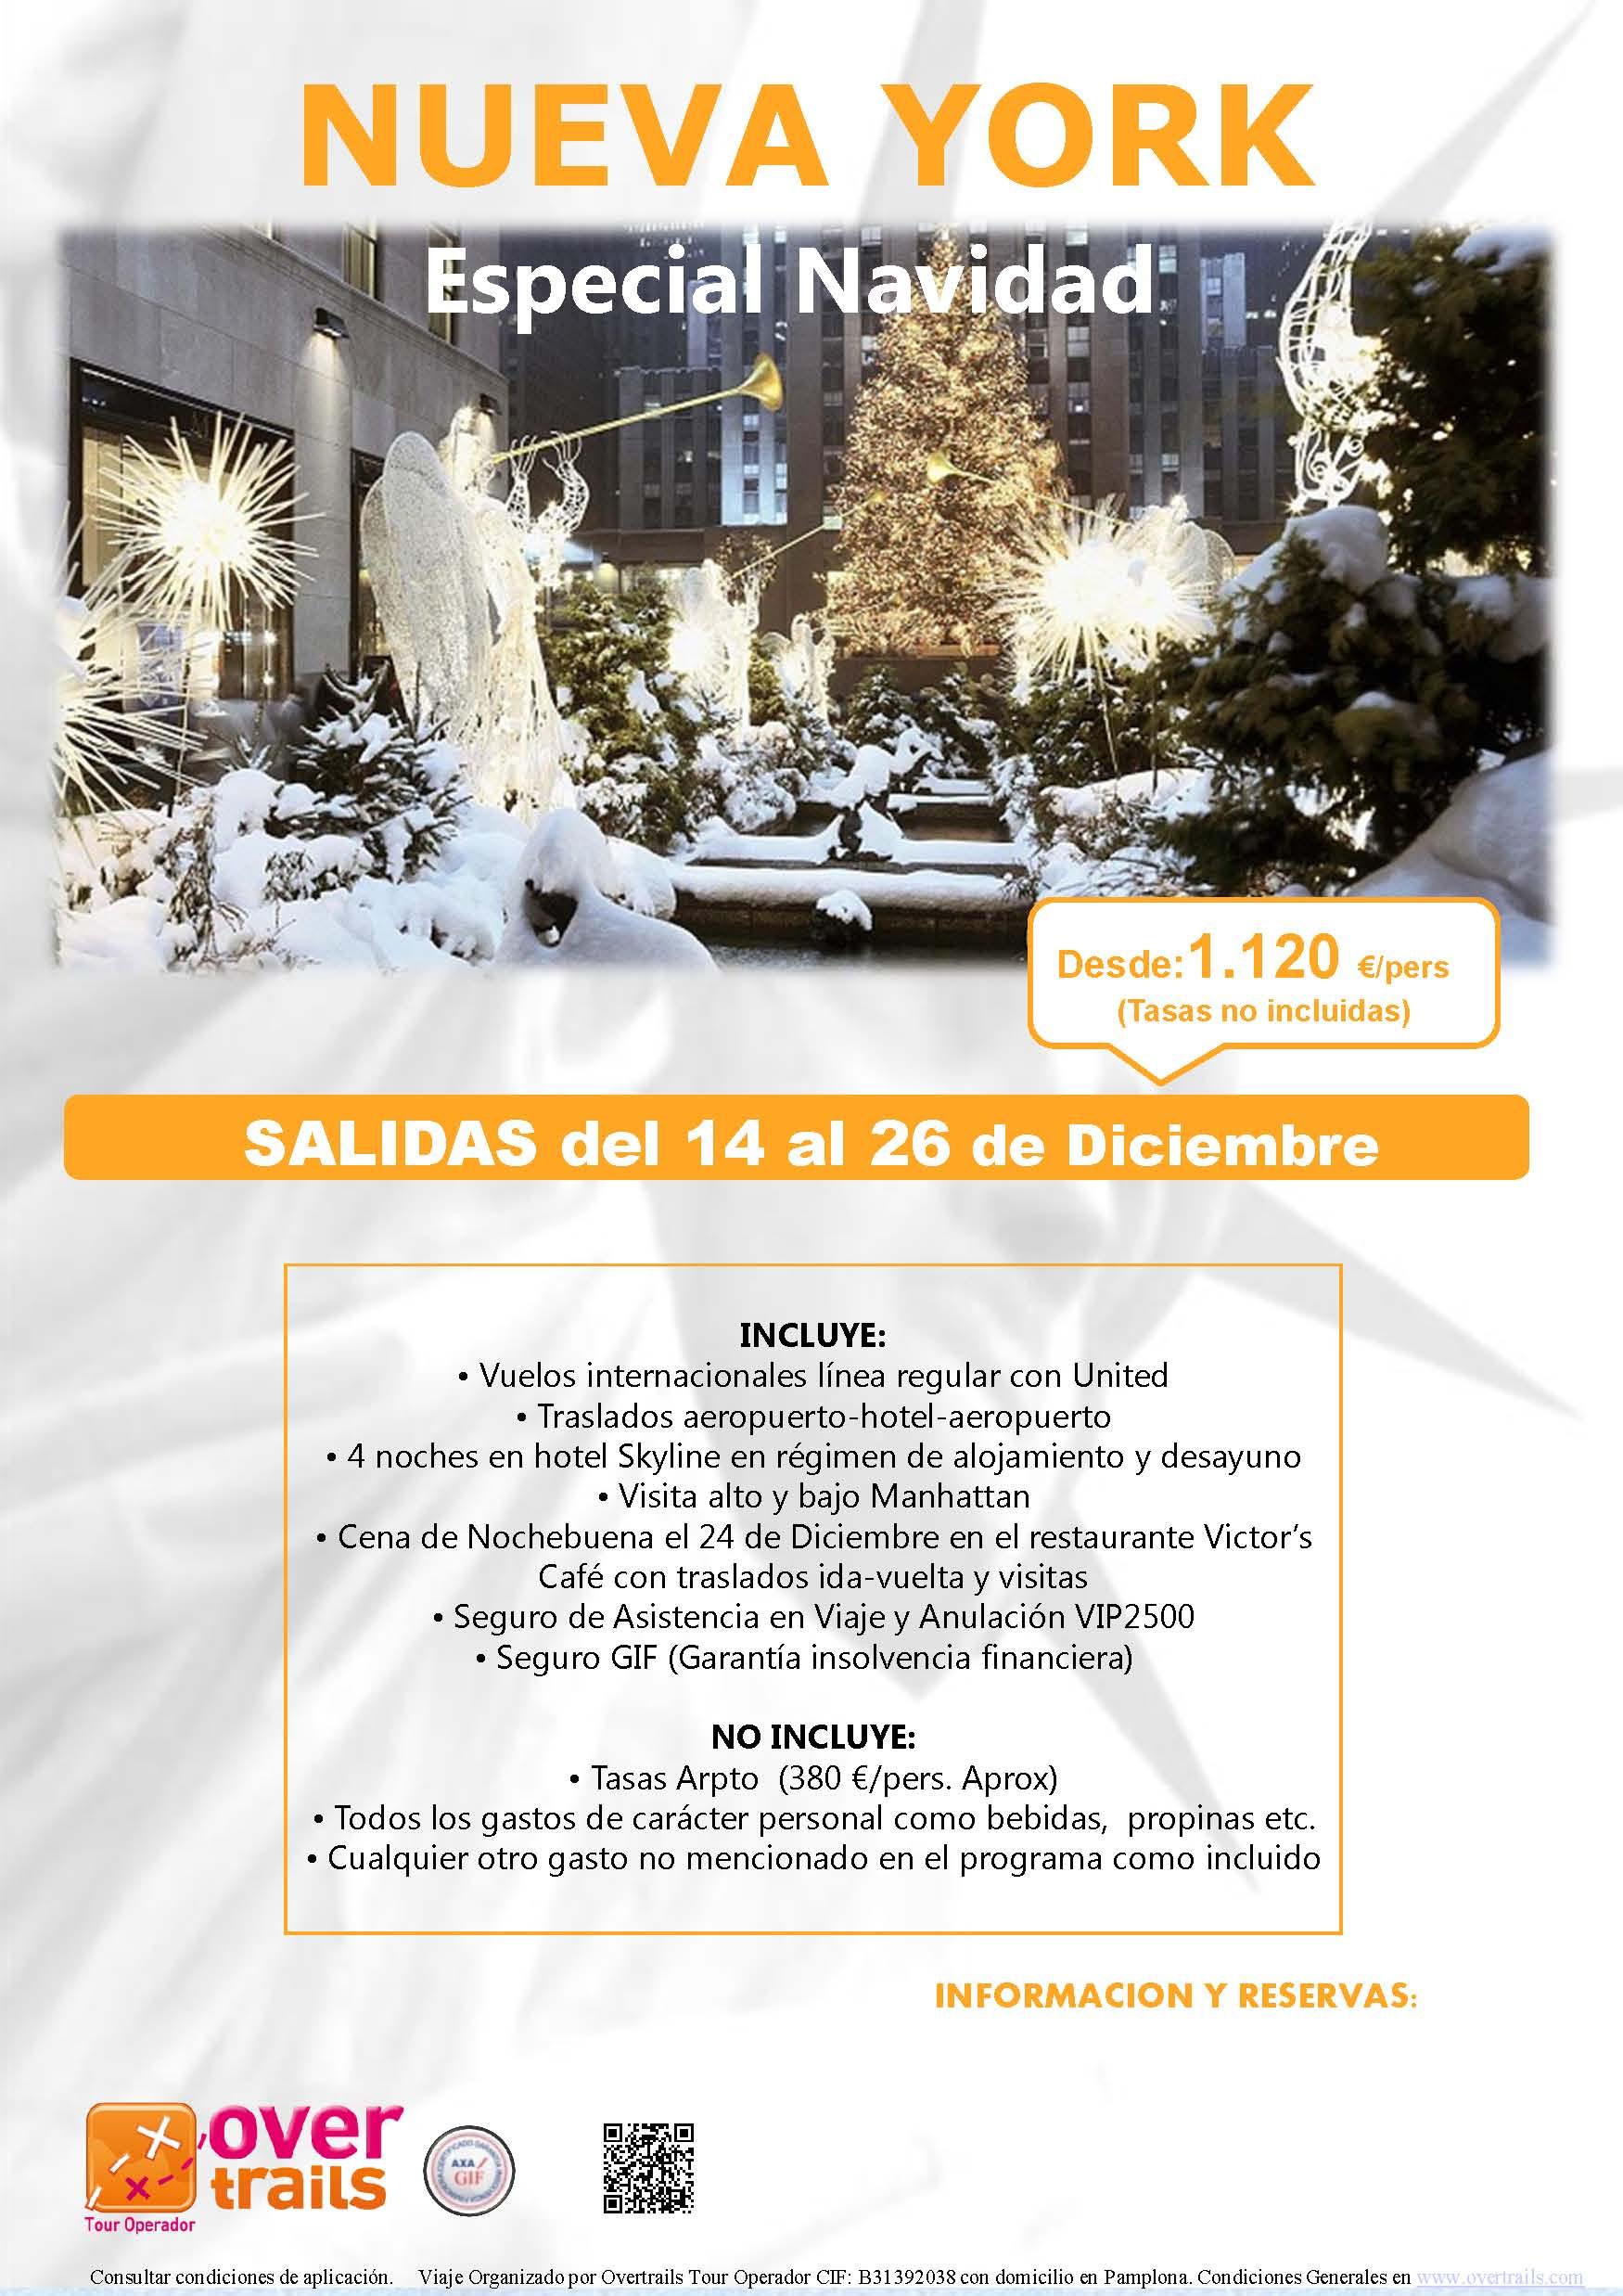 NUEVA YORK: Especial Navidad